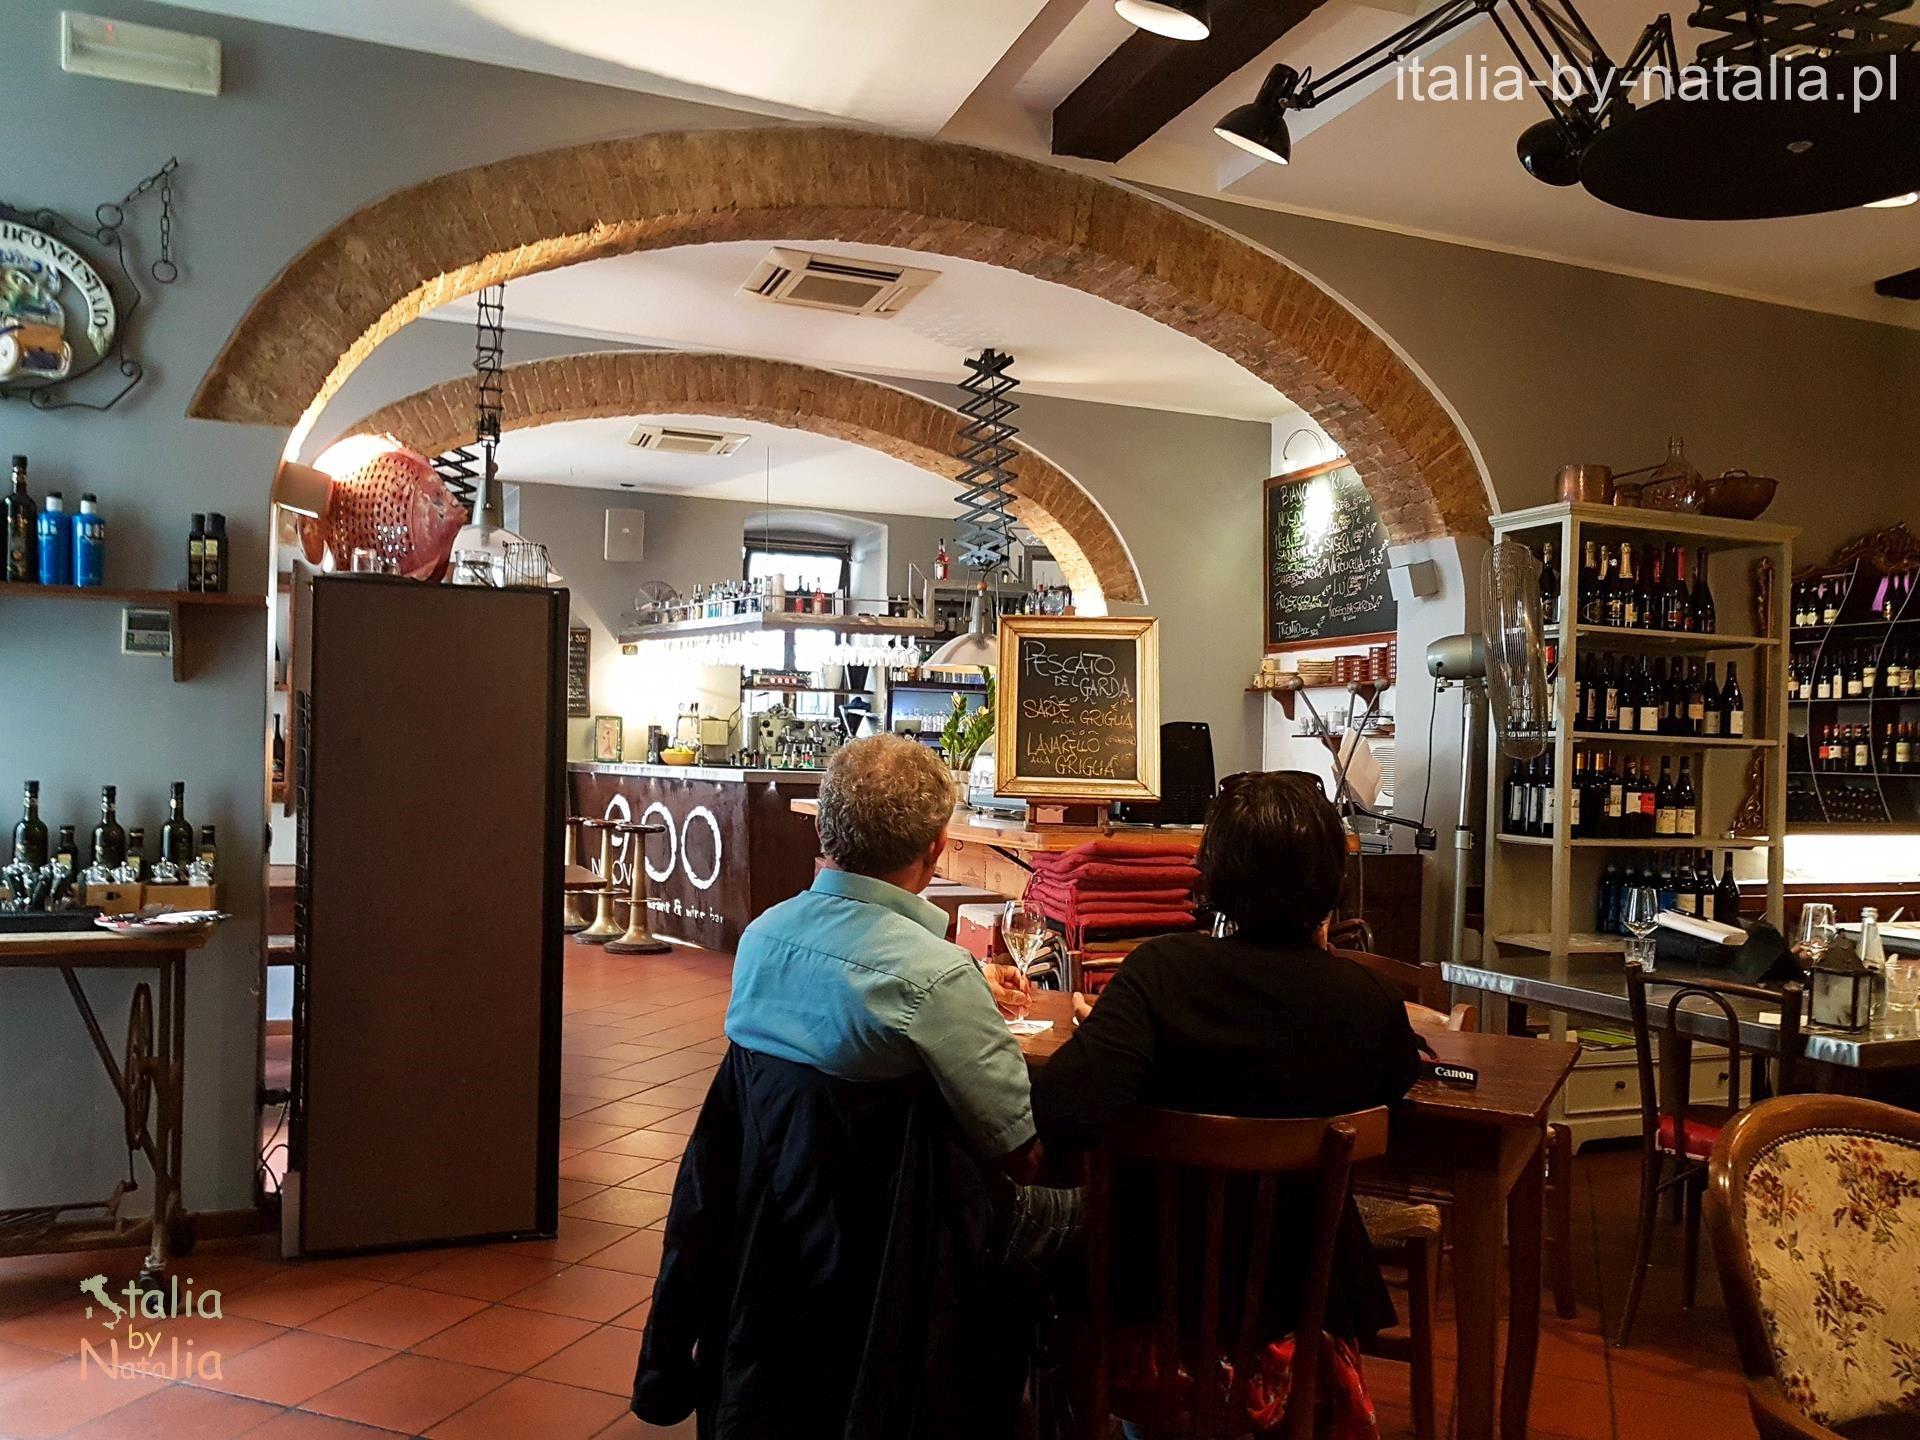 Ristorante Nuovo 900 da Lucio Riva del Garda gdzie zjeść nad Jeziorem Garda